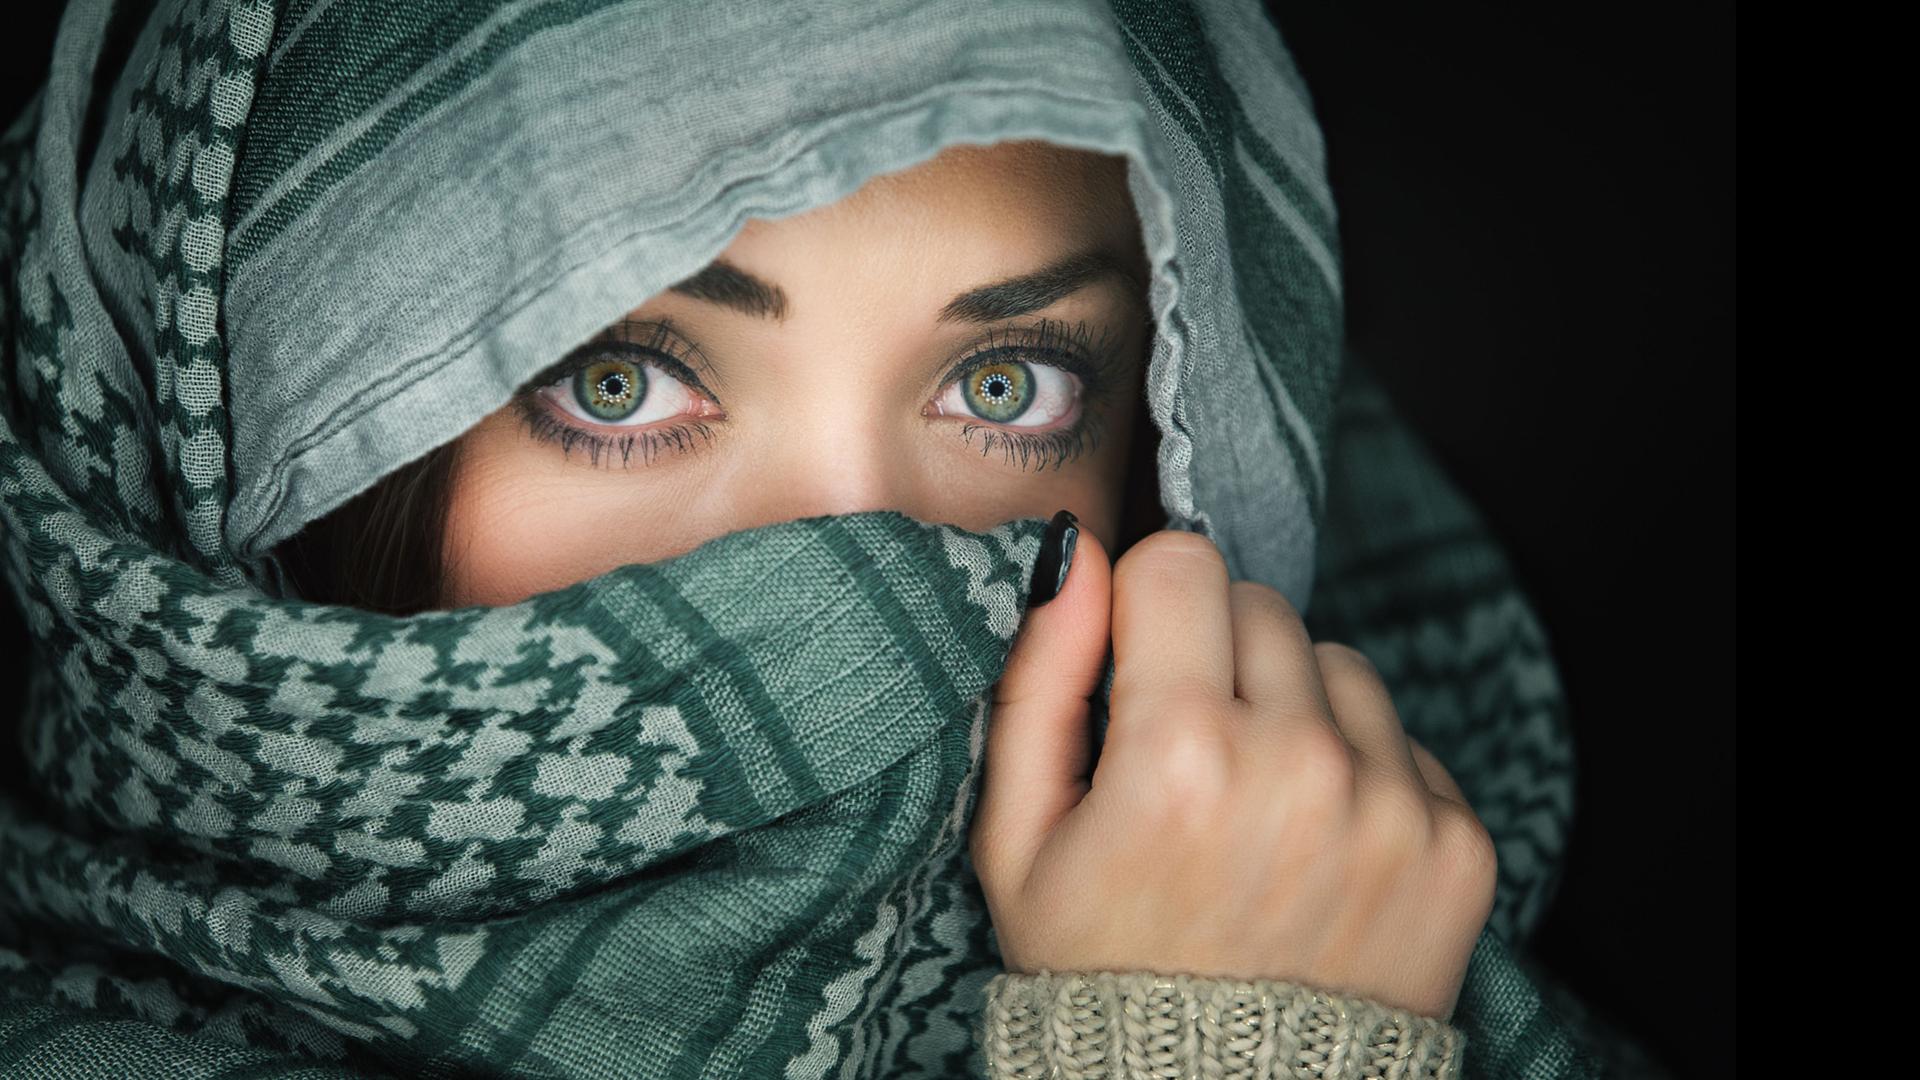 Beautiful Eyes Girl Wallpaper In HD